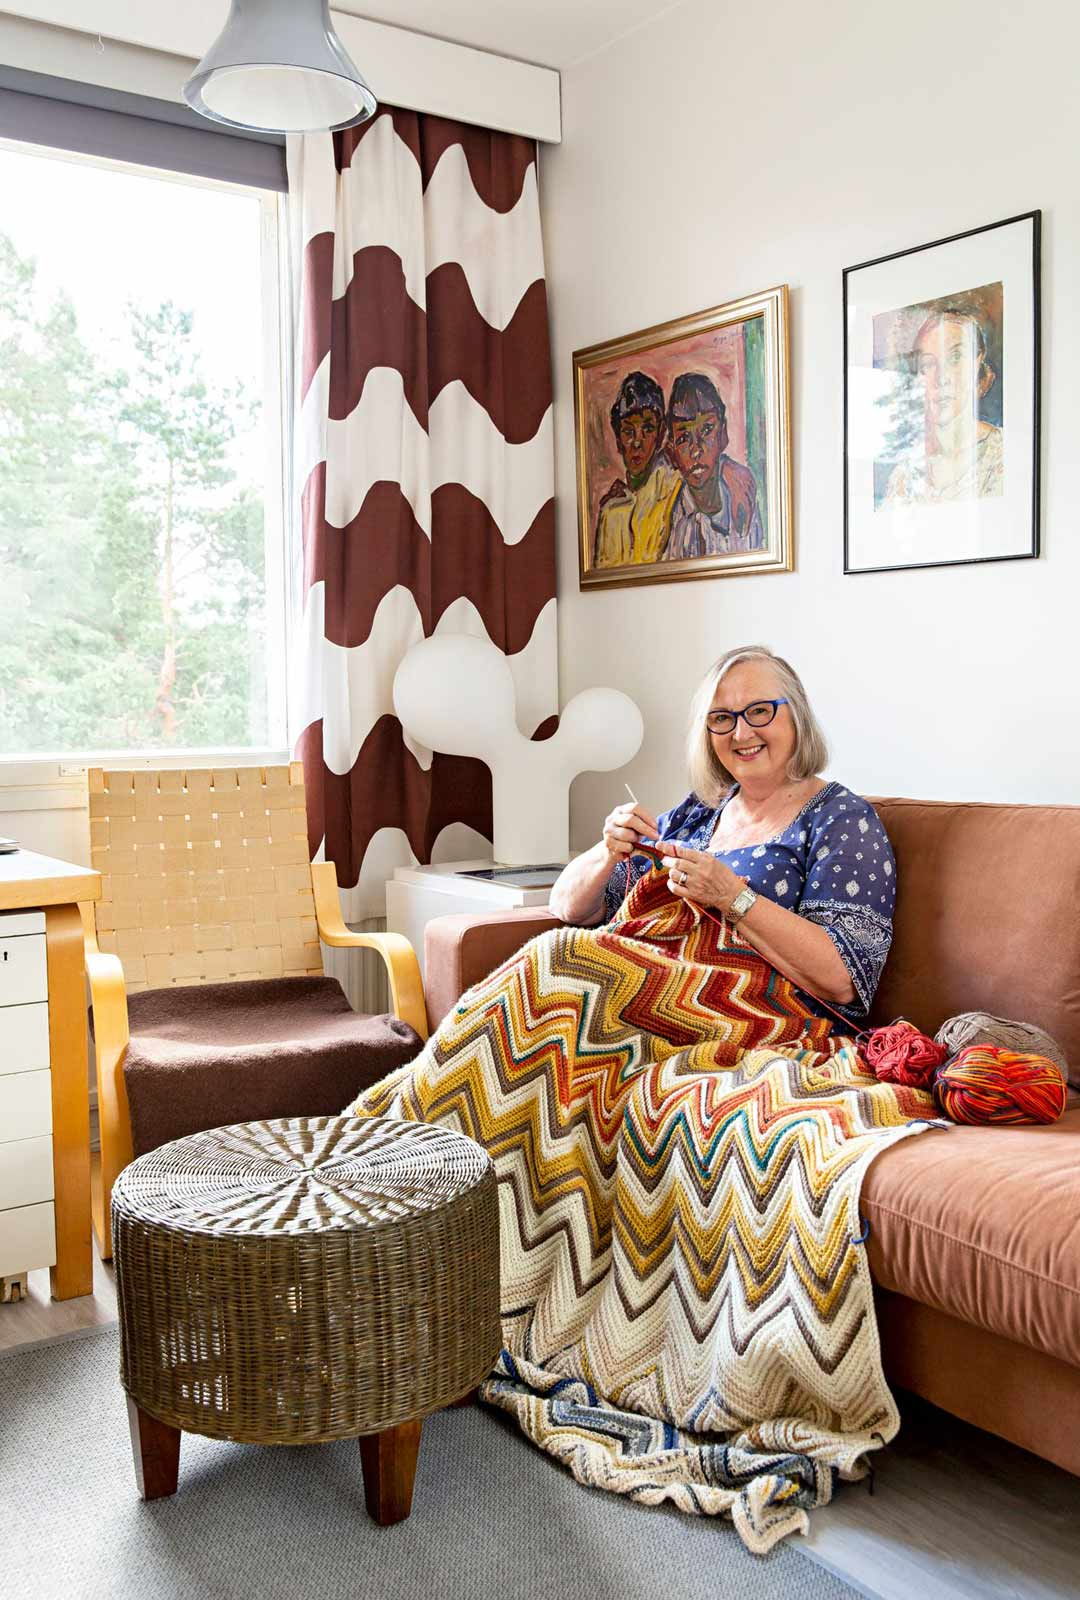 Tuulan Saarisen lempipaikka on telkkarihuoneen sohva, jossa hän virkkaa lämpötilapeittoa. Ideana on virkata yksi kerros päivässä päivän lämpötilan määrittämällä värillä.